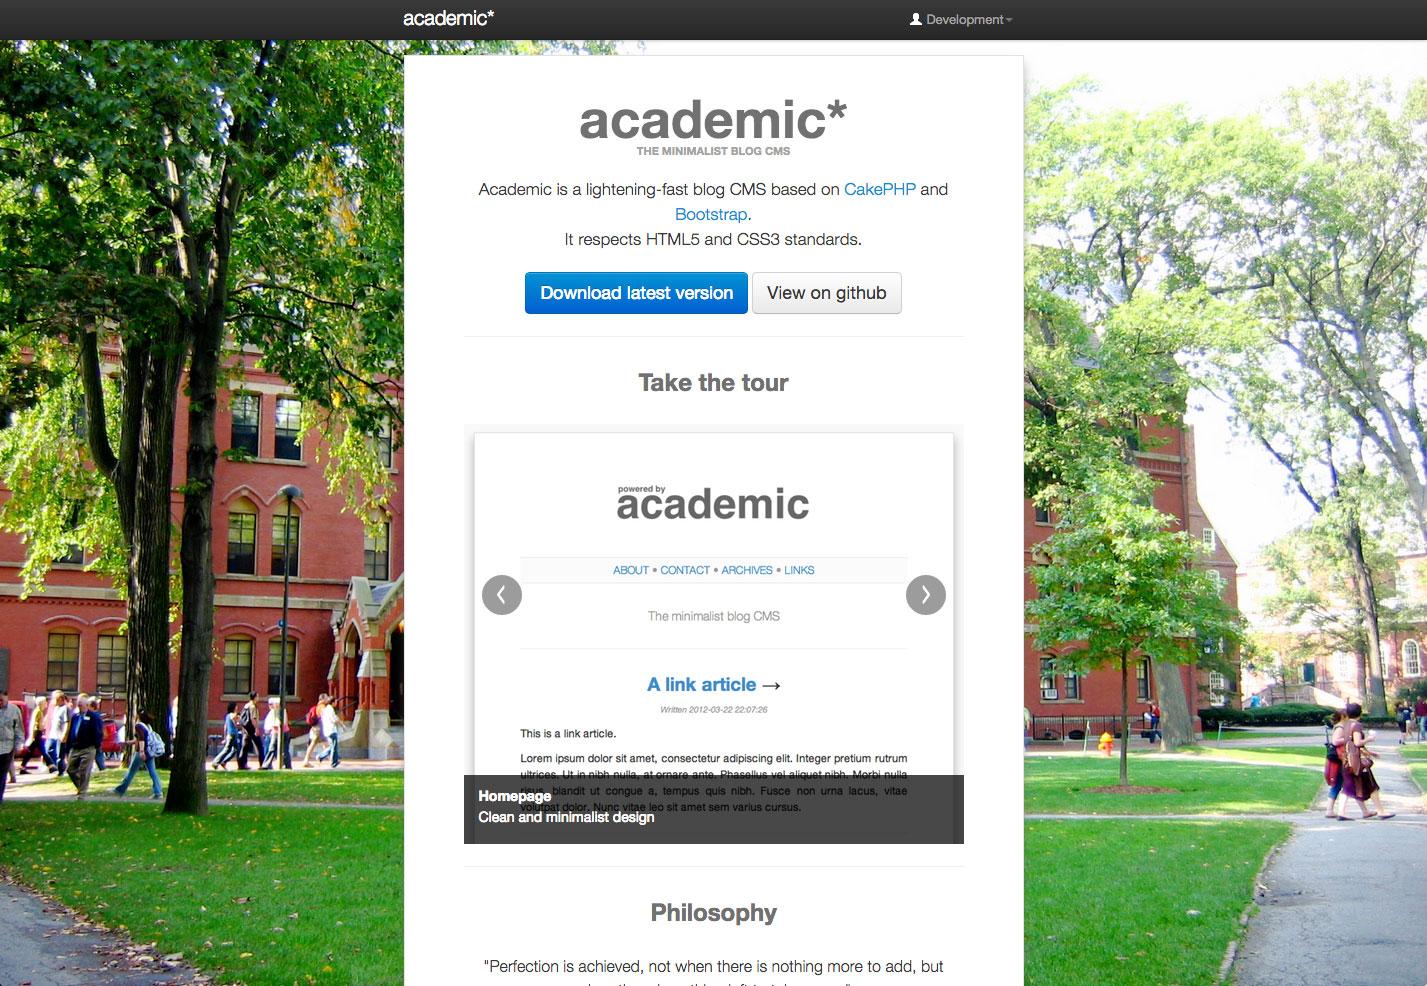 academische